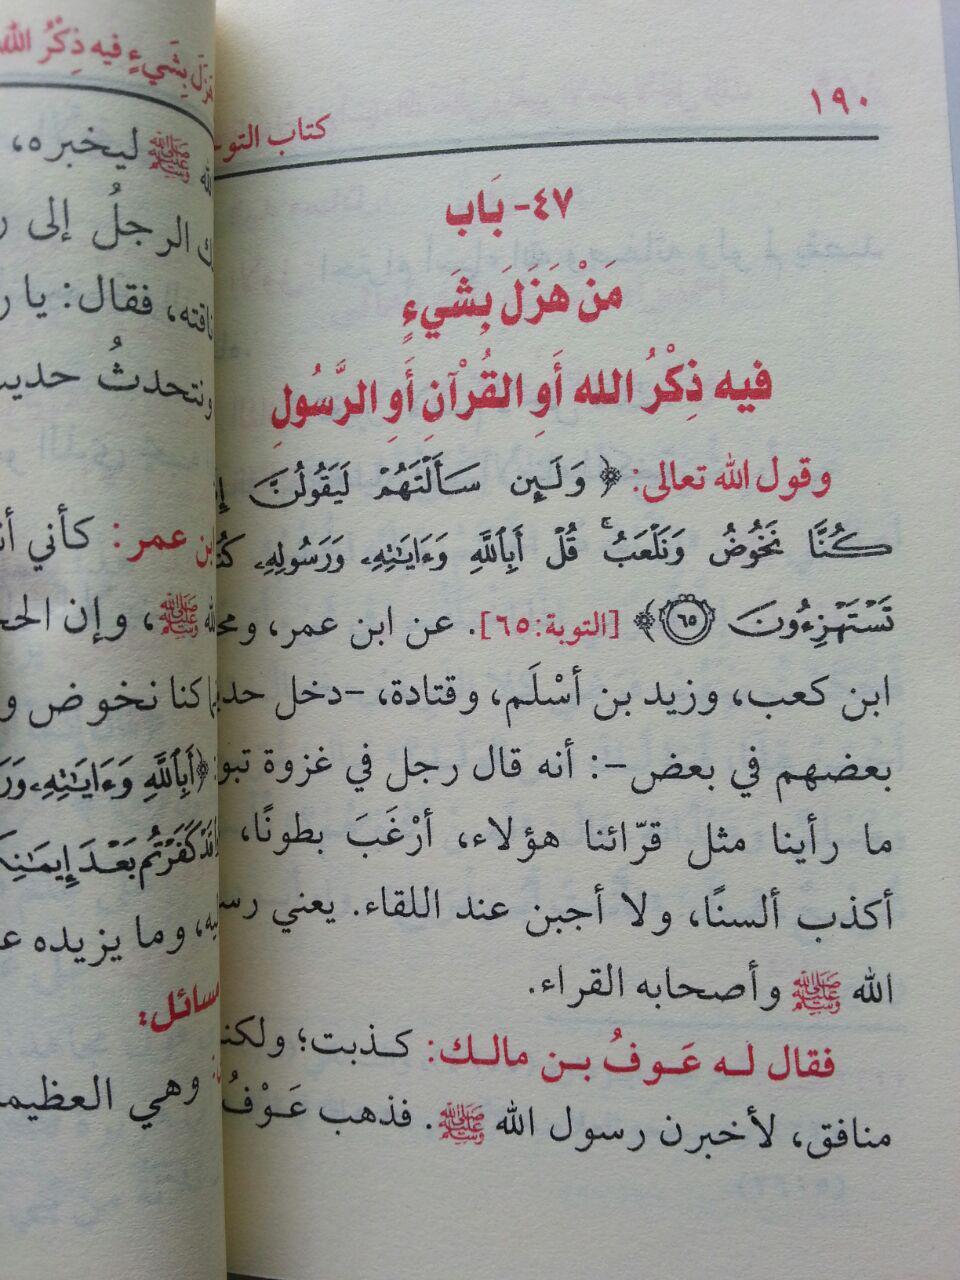 KT071 Kitab Matan Kitab At-Tauhid Muhammad bin Abdul Wahhab isi